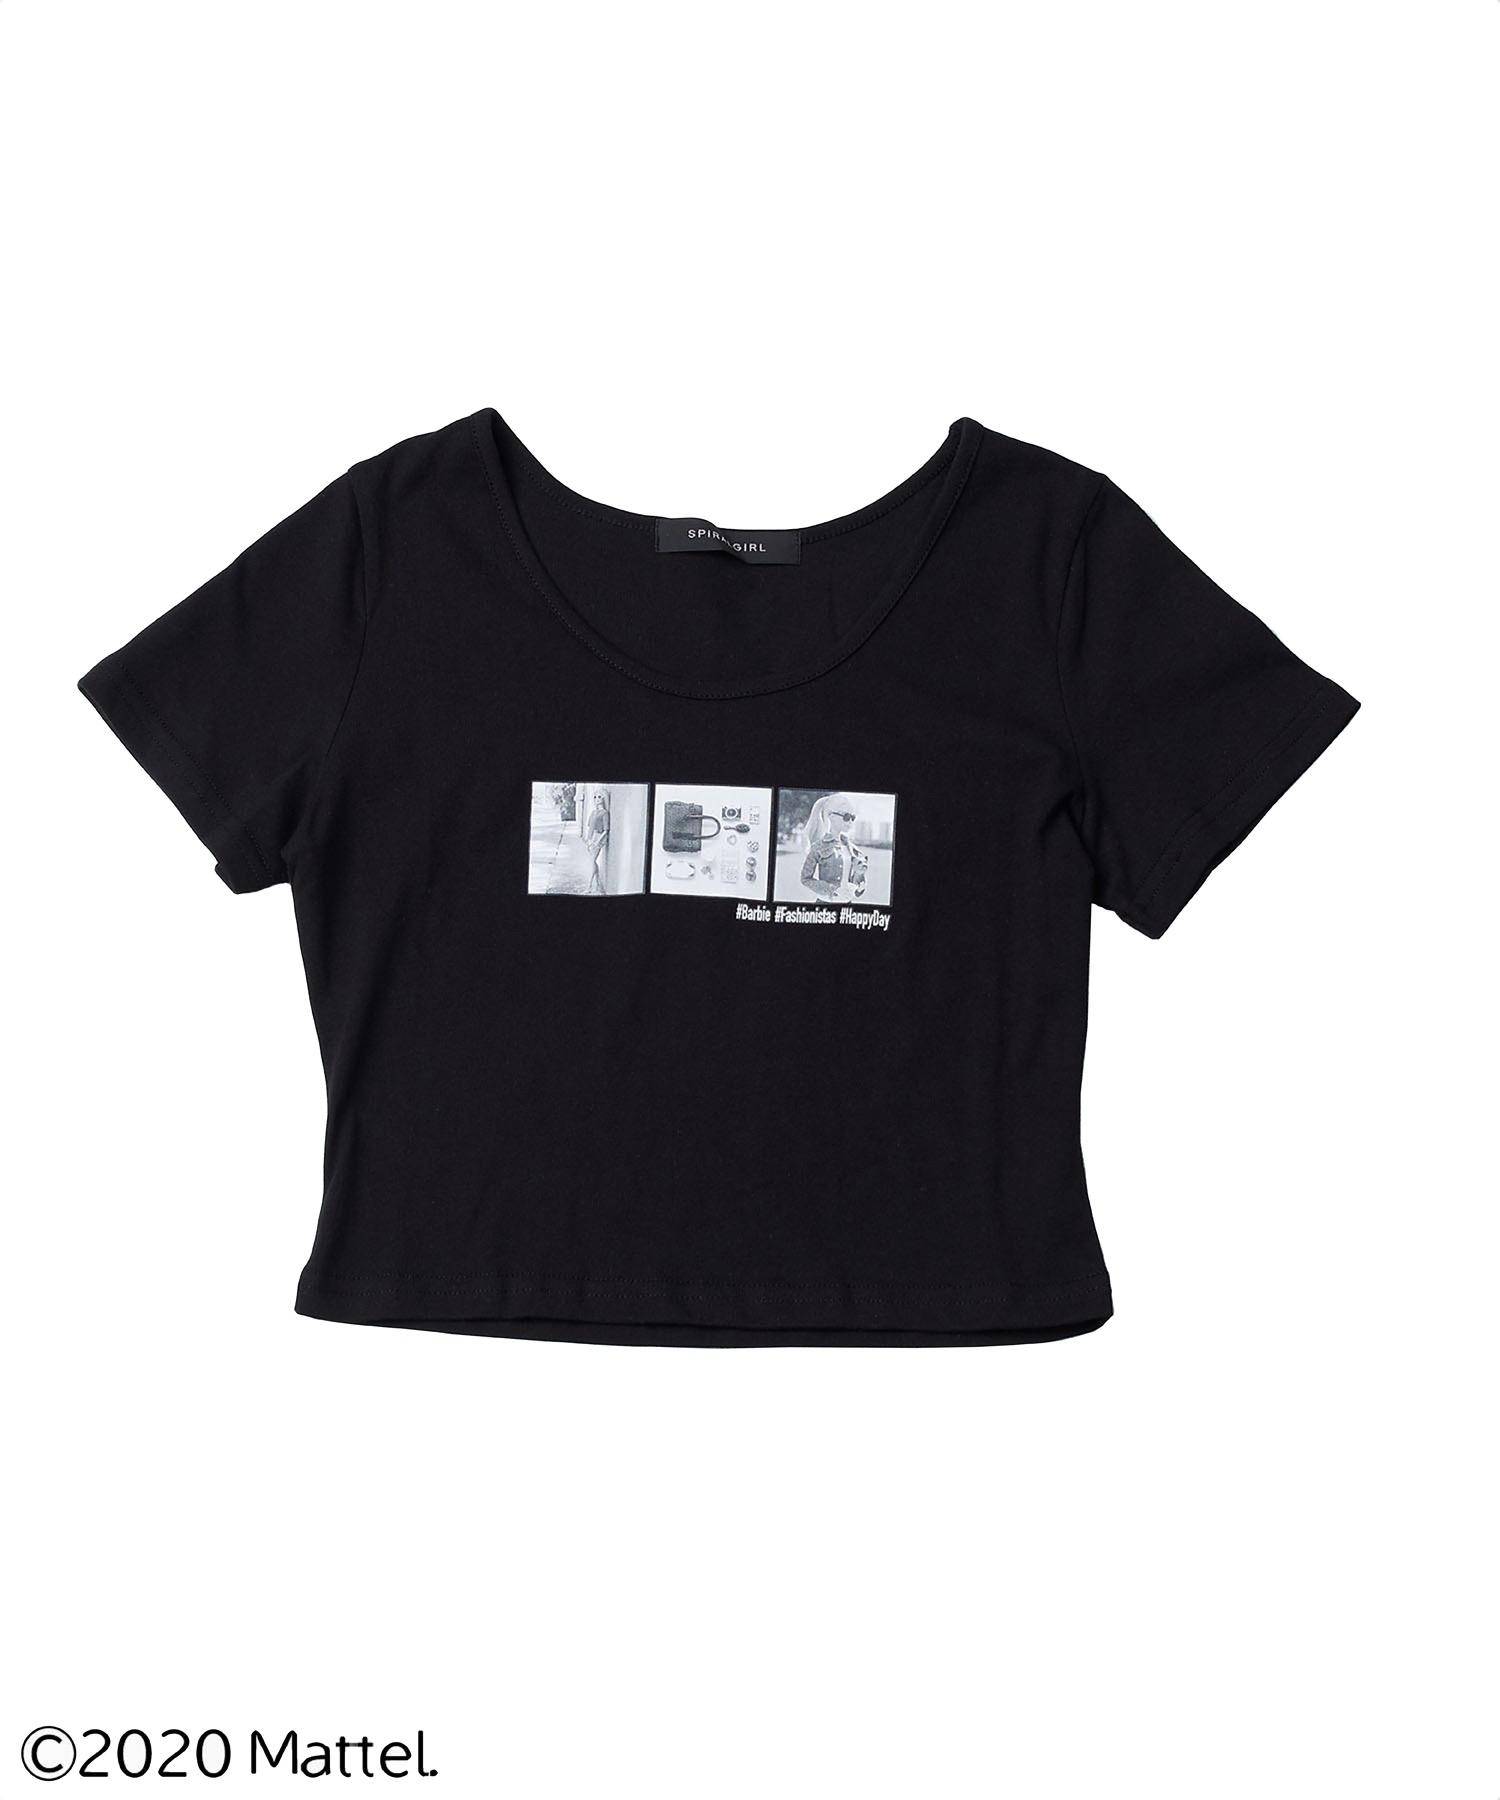 【バービー】ショート丈Tシャツ